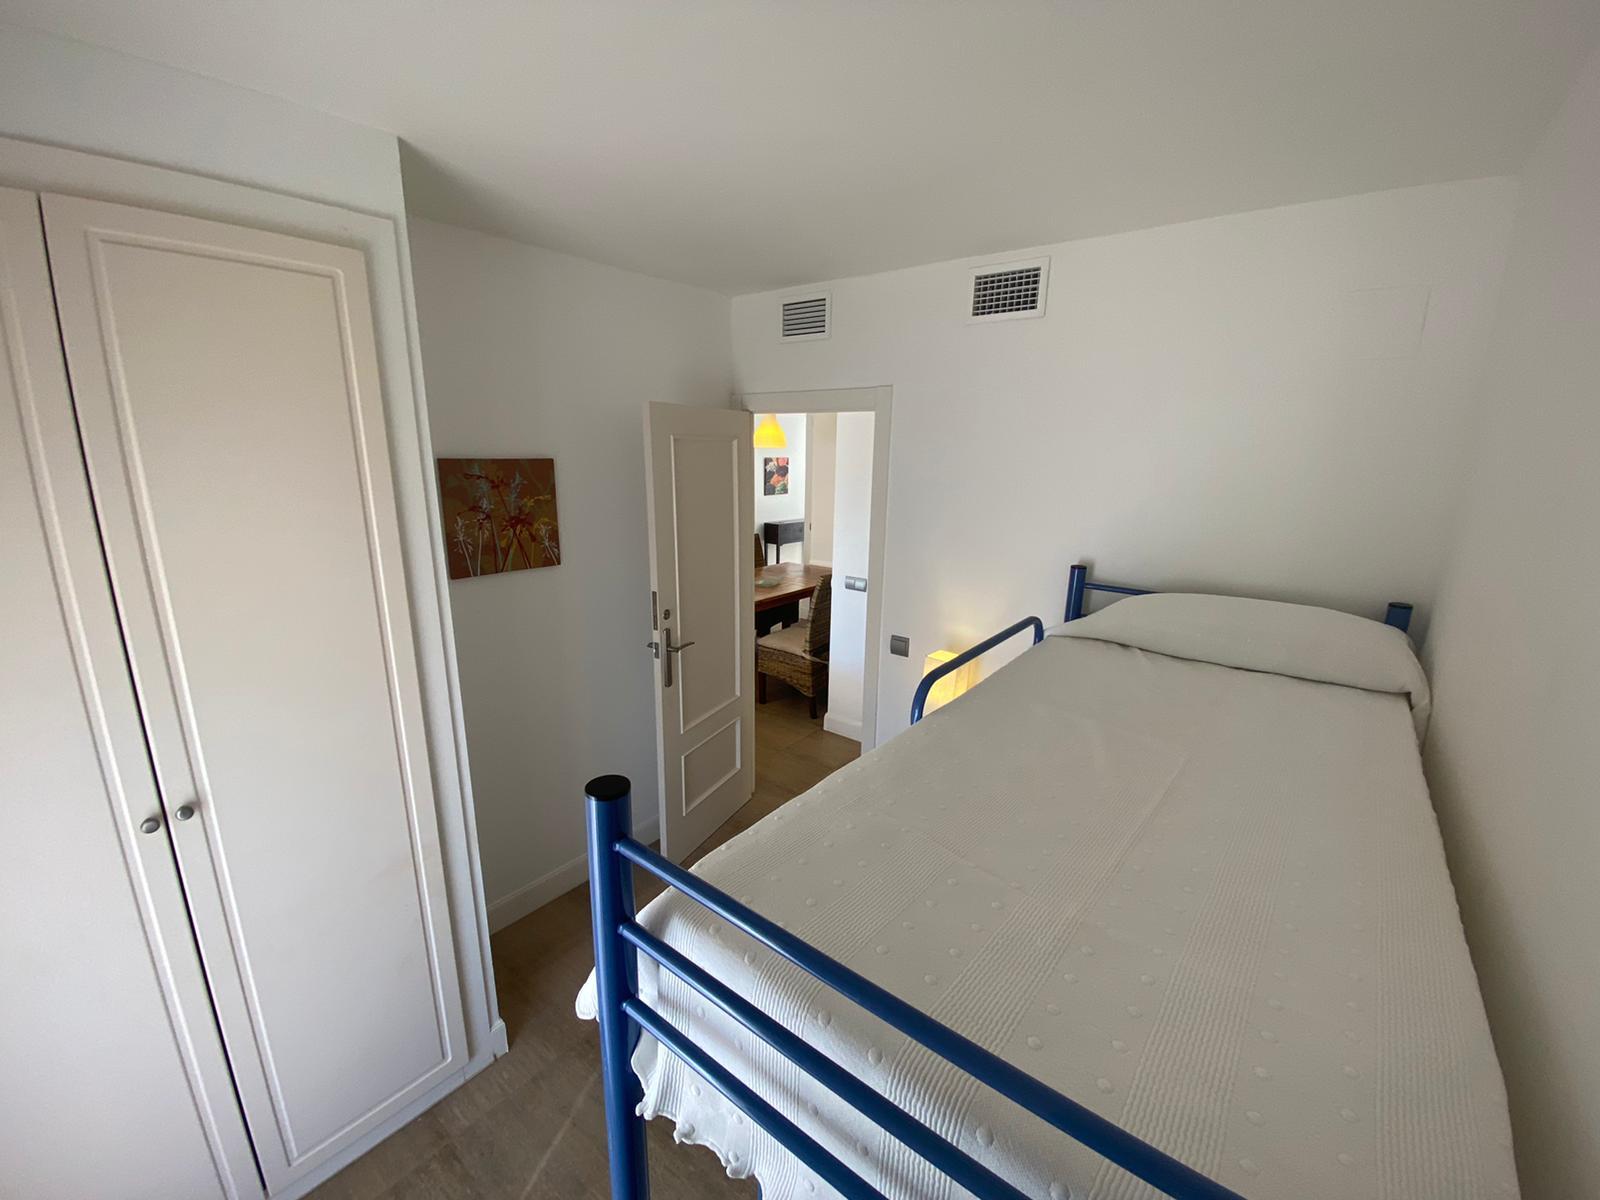 Imagen 34 del Apartamento Turístico, Ático 8 Central (3d+2b), Punta del Moral (HUELVA), Paseo de la Cruz nº22